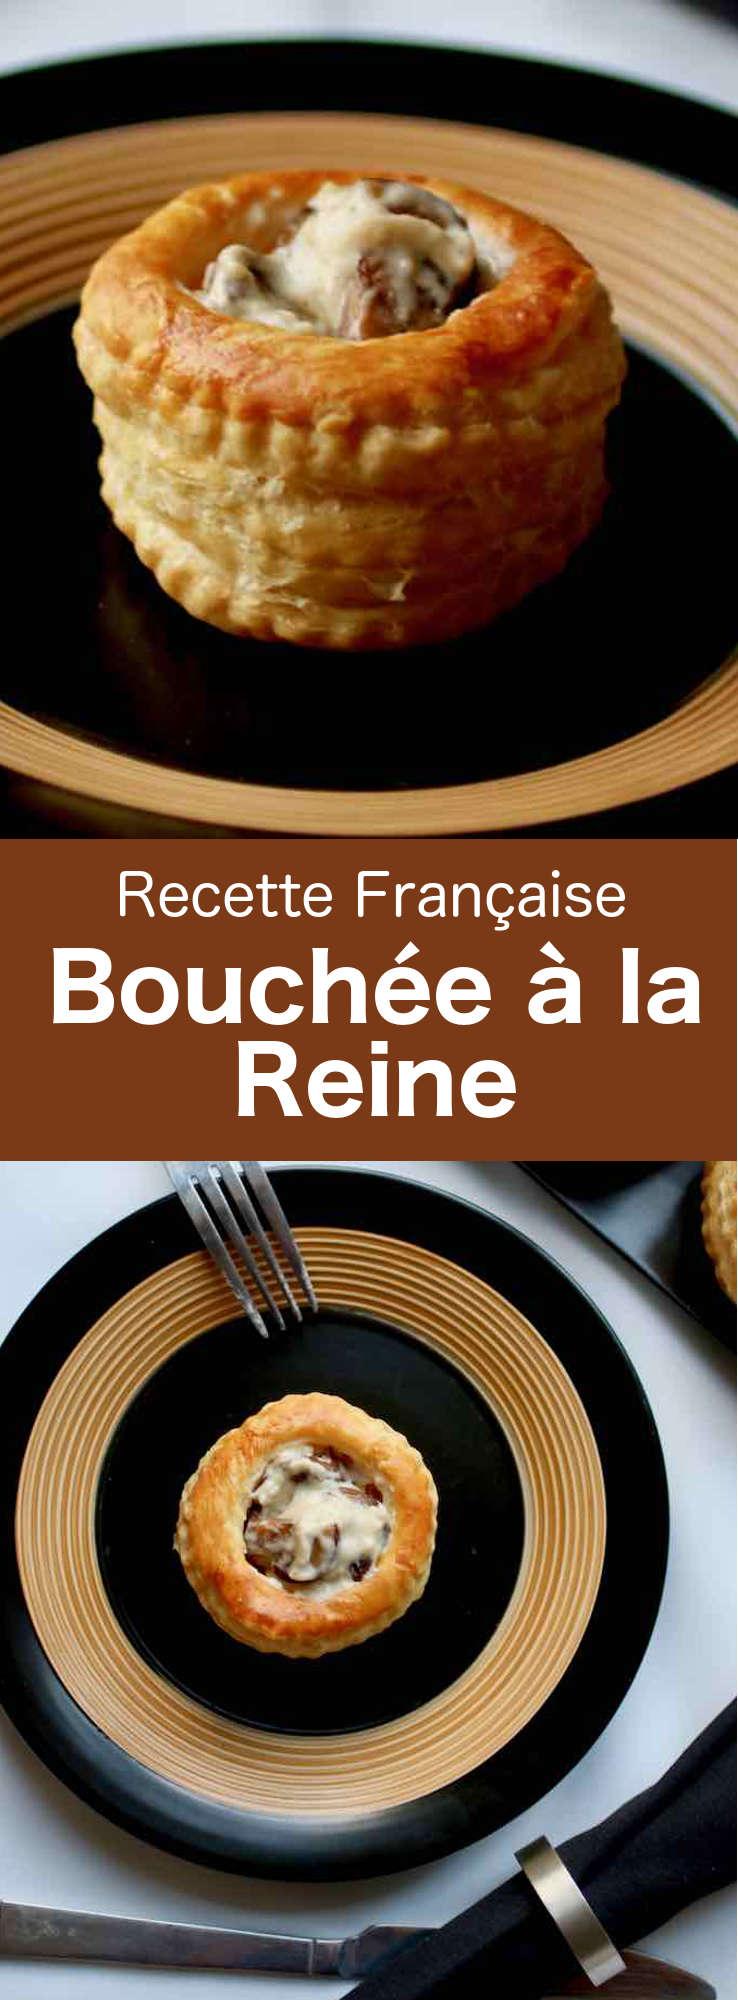 La bouchée à la reine est une spécialité française, populaire dans la cuisine de Lorraine, composée d'un vol-au-vent farci d'un salpicon de volaille et de sauce onctueuse. #France #RecetteFrancaise #CuisineFrancaise #GastronomieFrancaise #CuisineDuMonde #196flavors